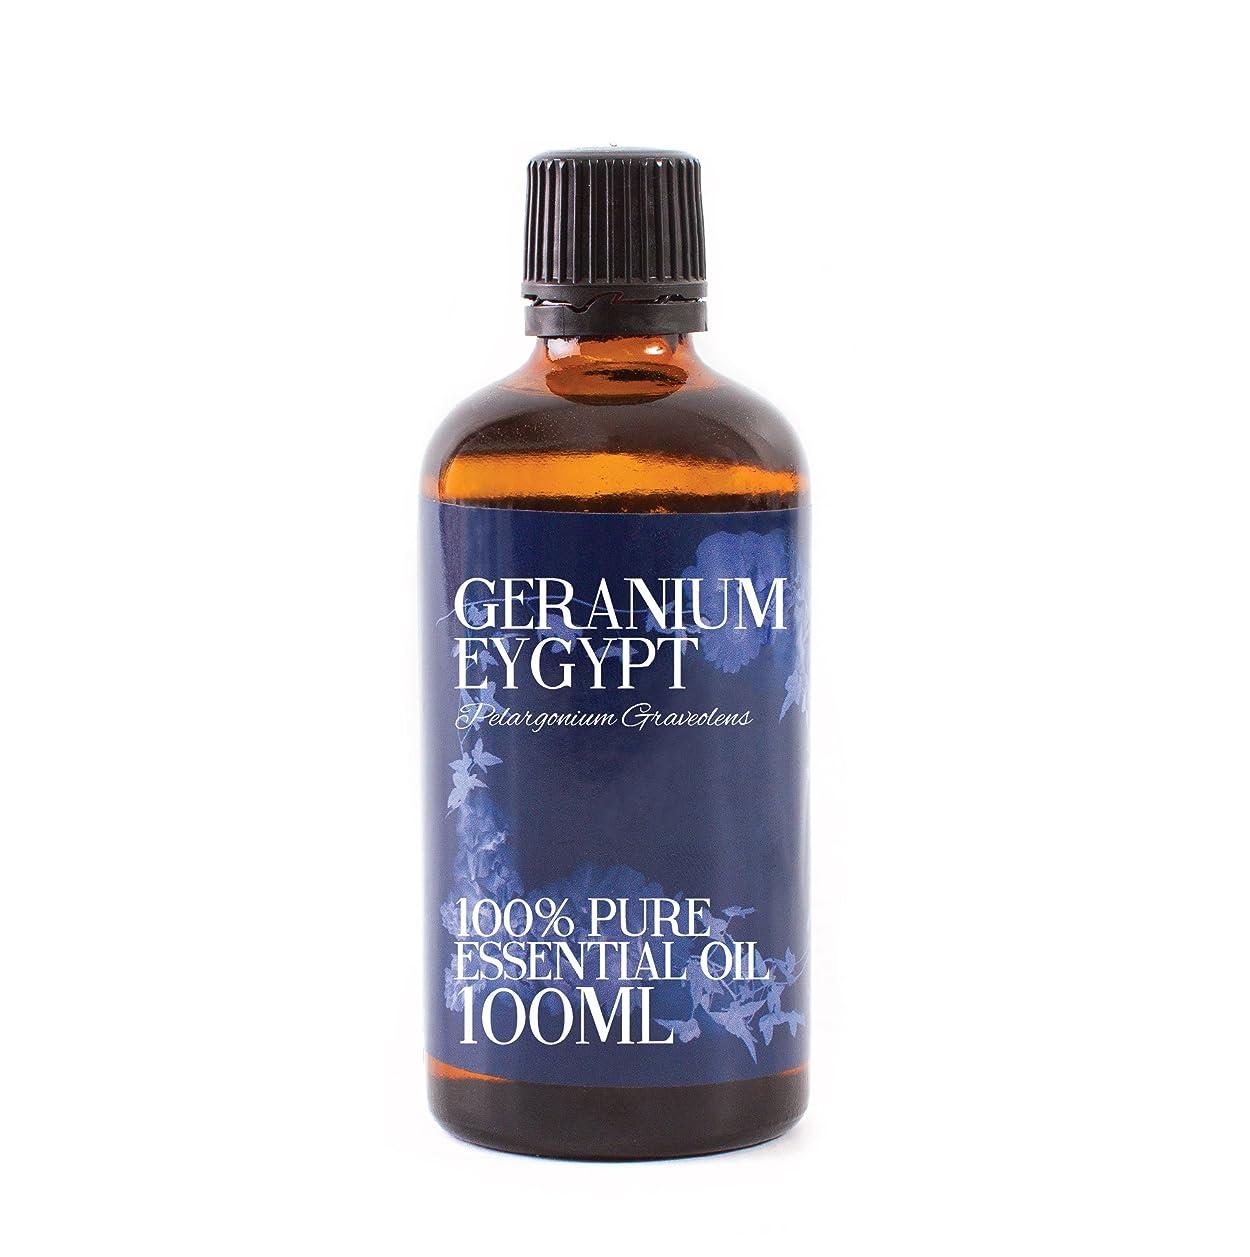 息苦しいシリーズマークダウンMystic Moments   Geranium Egypt Essential Oil - 100ml - 100% Pure